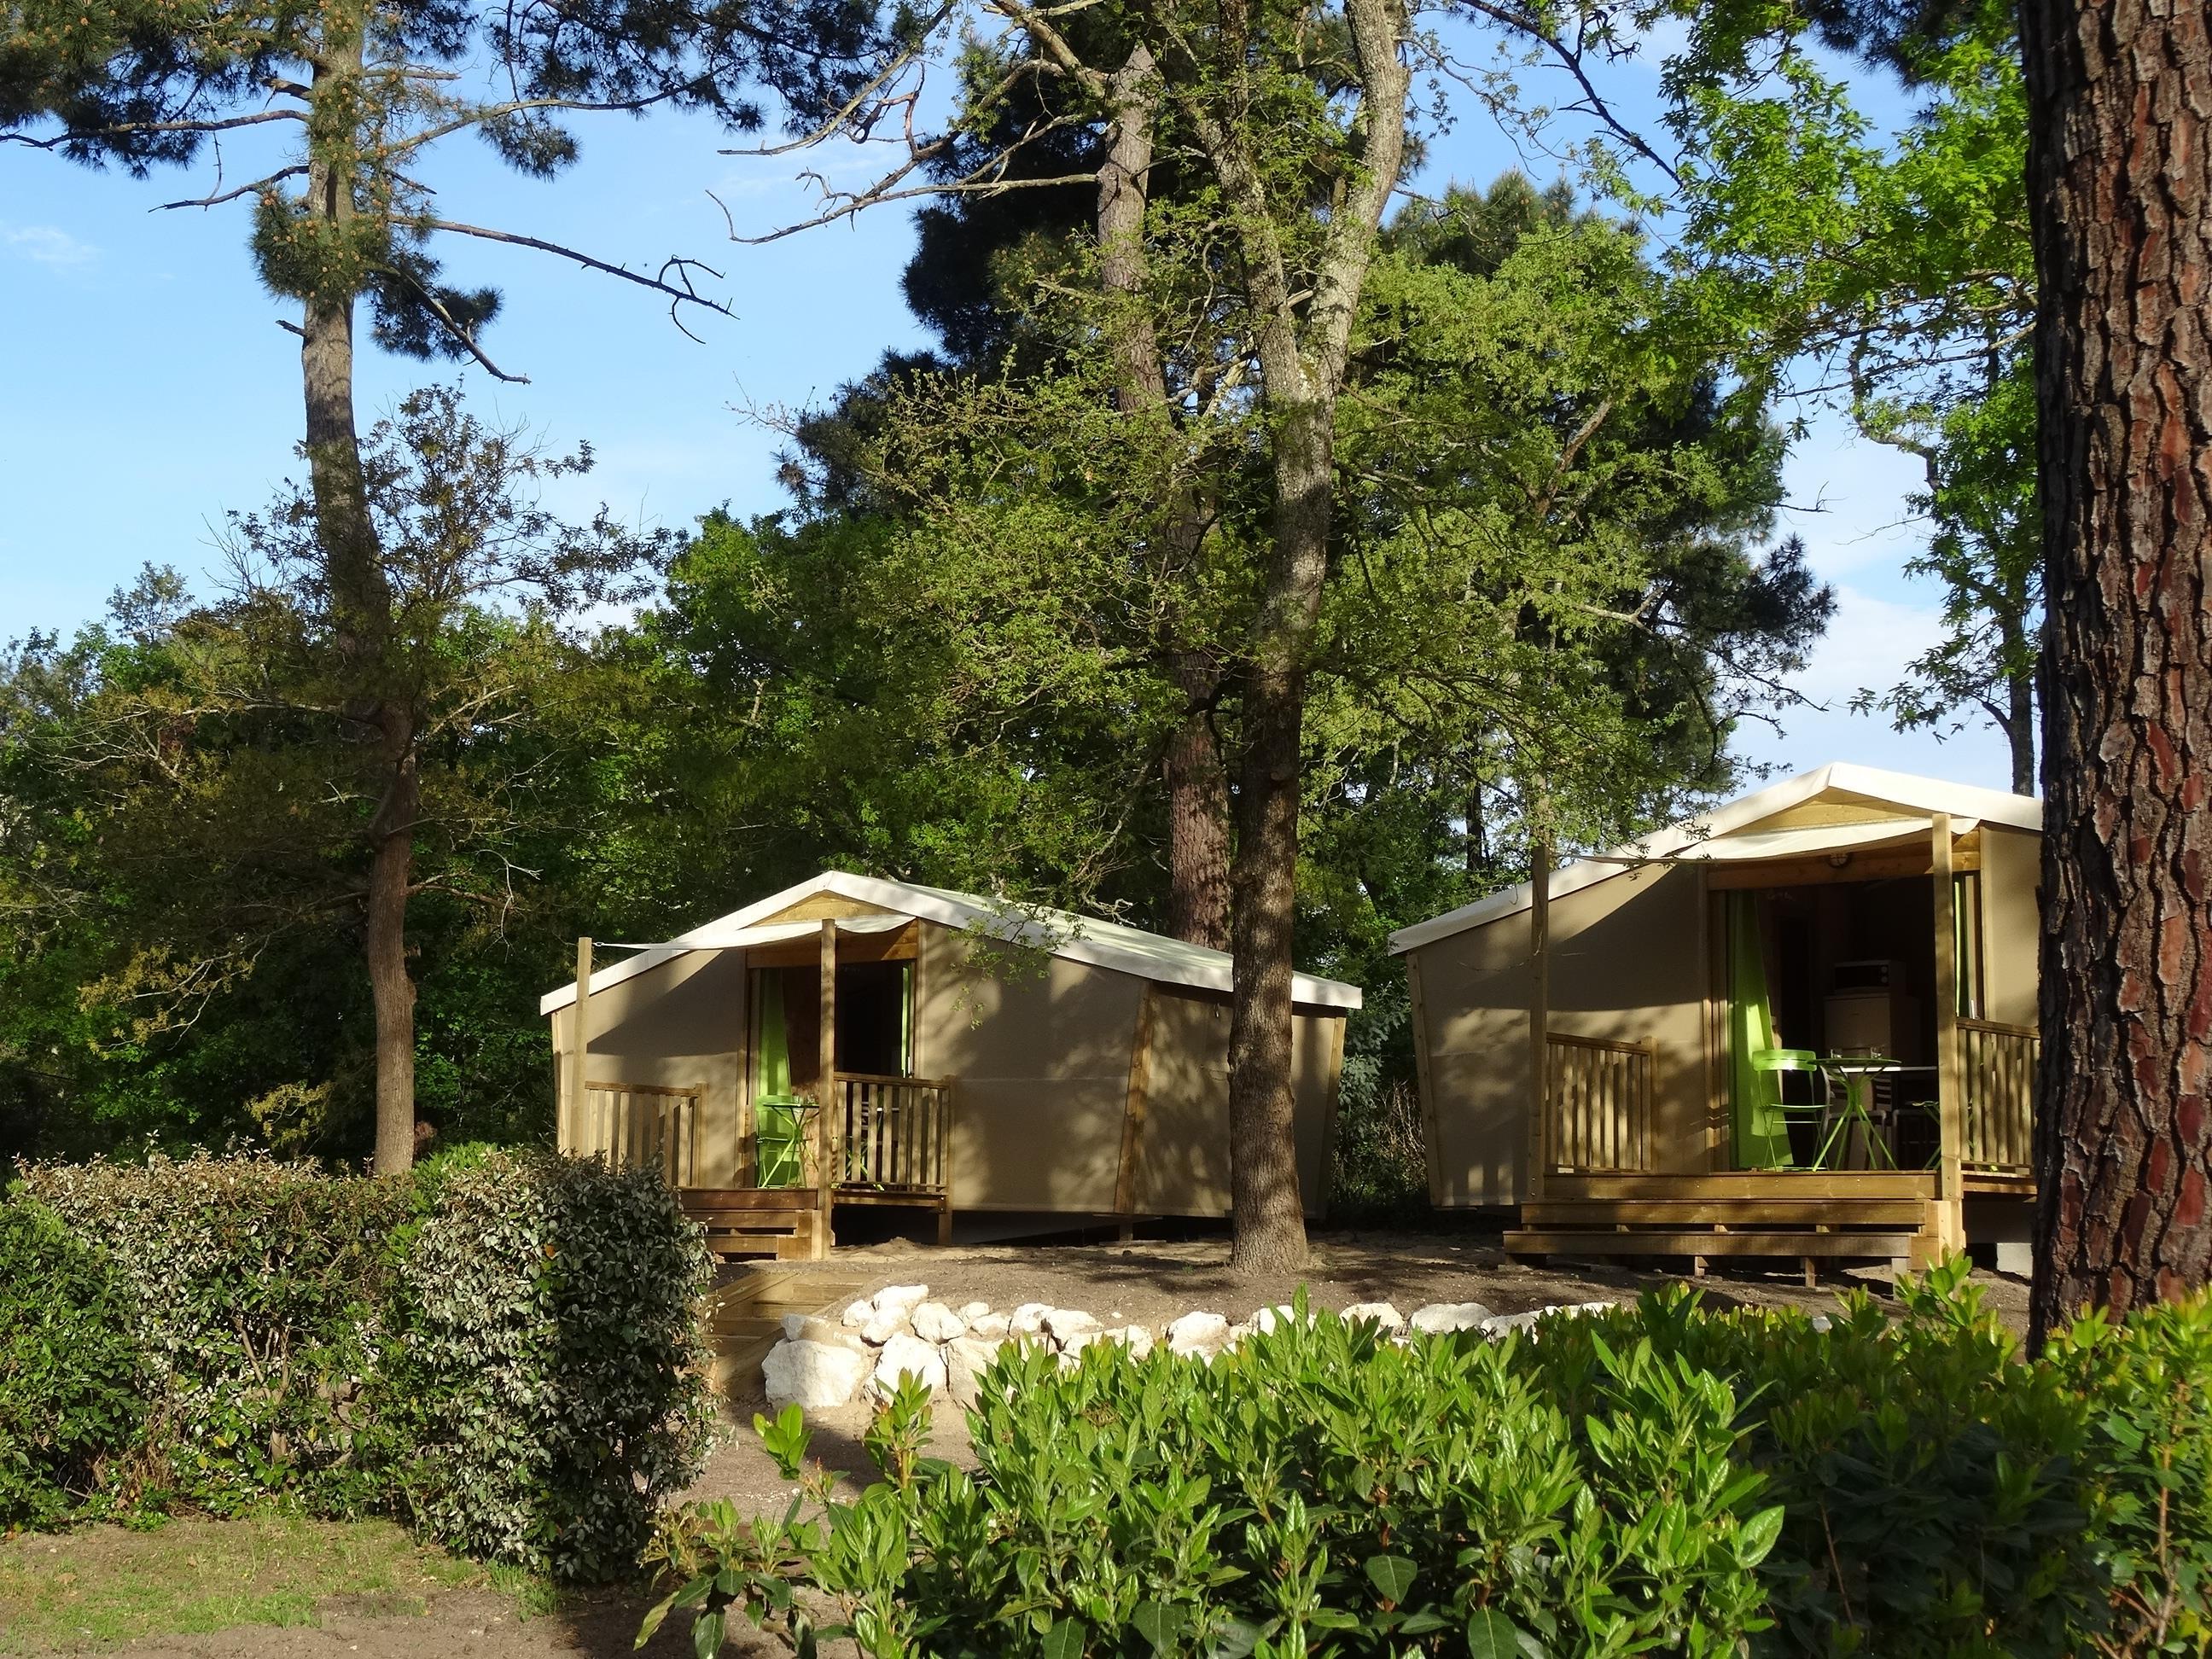 Camping les Côtes de Saintonge, Saint-Augustin, Charente-Maritime